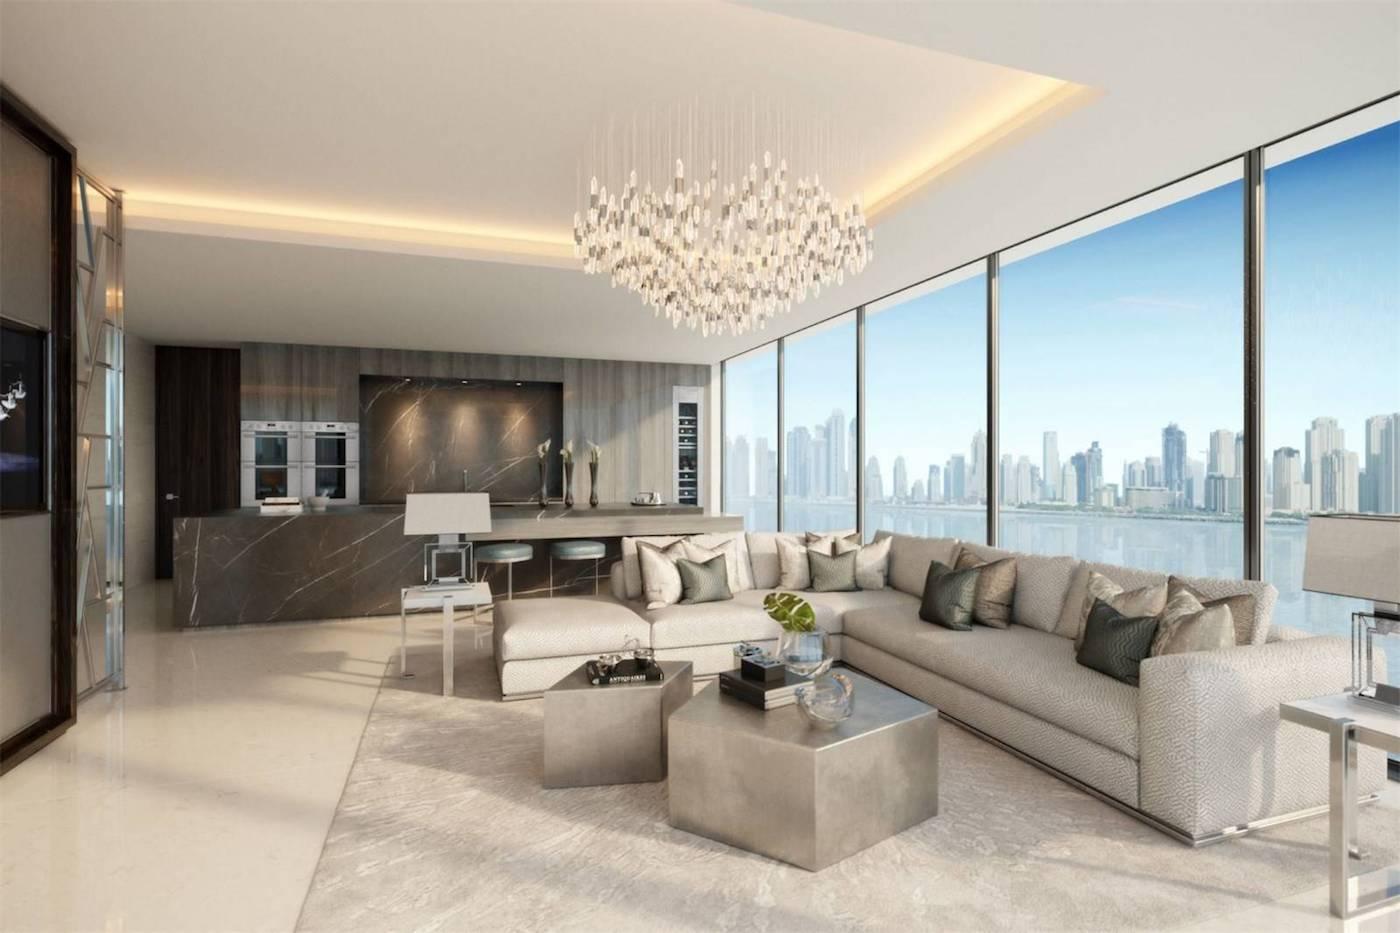 Das extravagante ONE PALM Penthouse für $ 10,2 Millionen Dollar 8